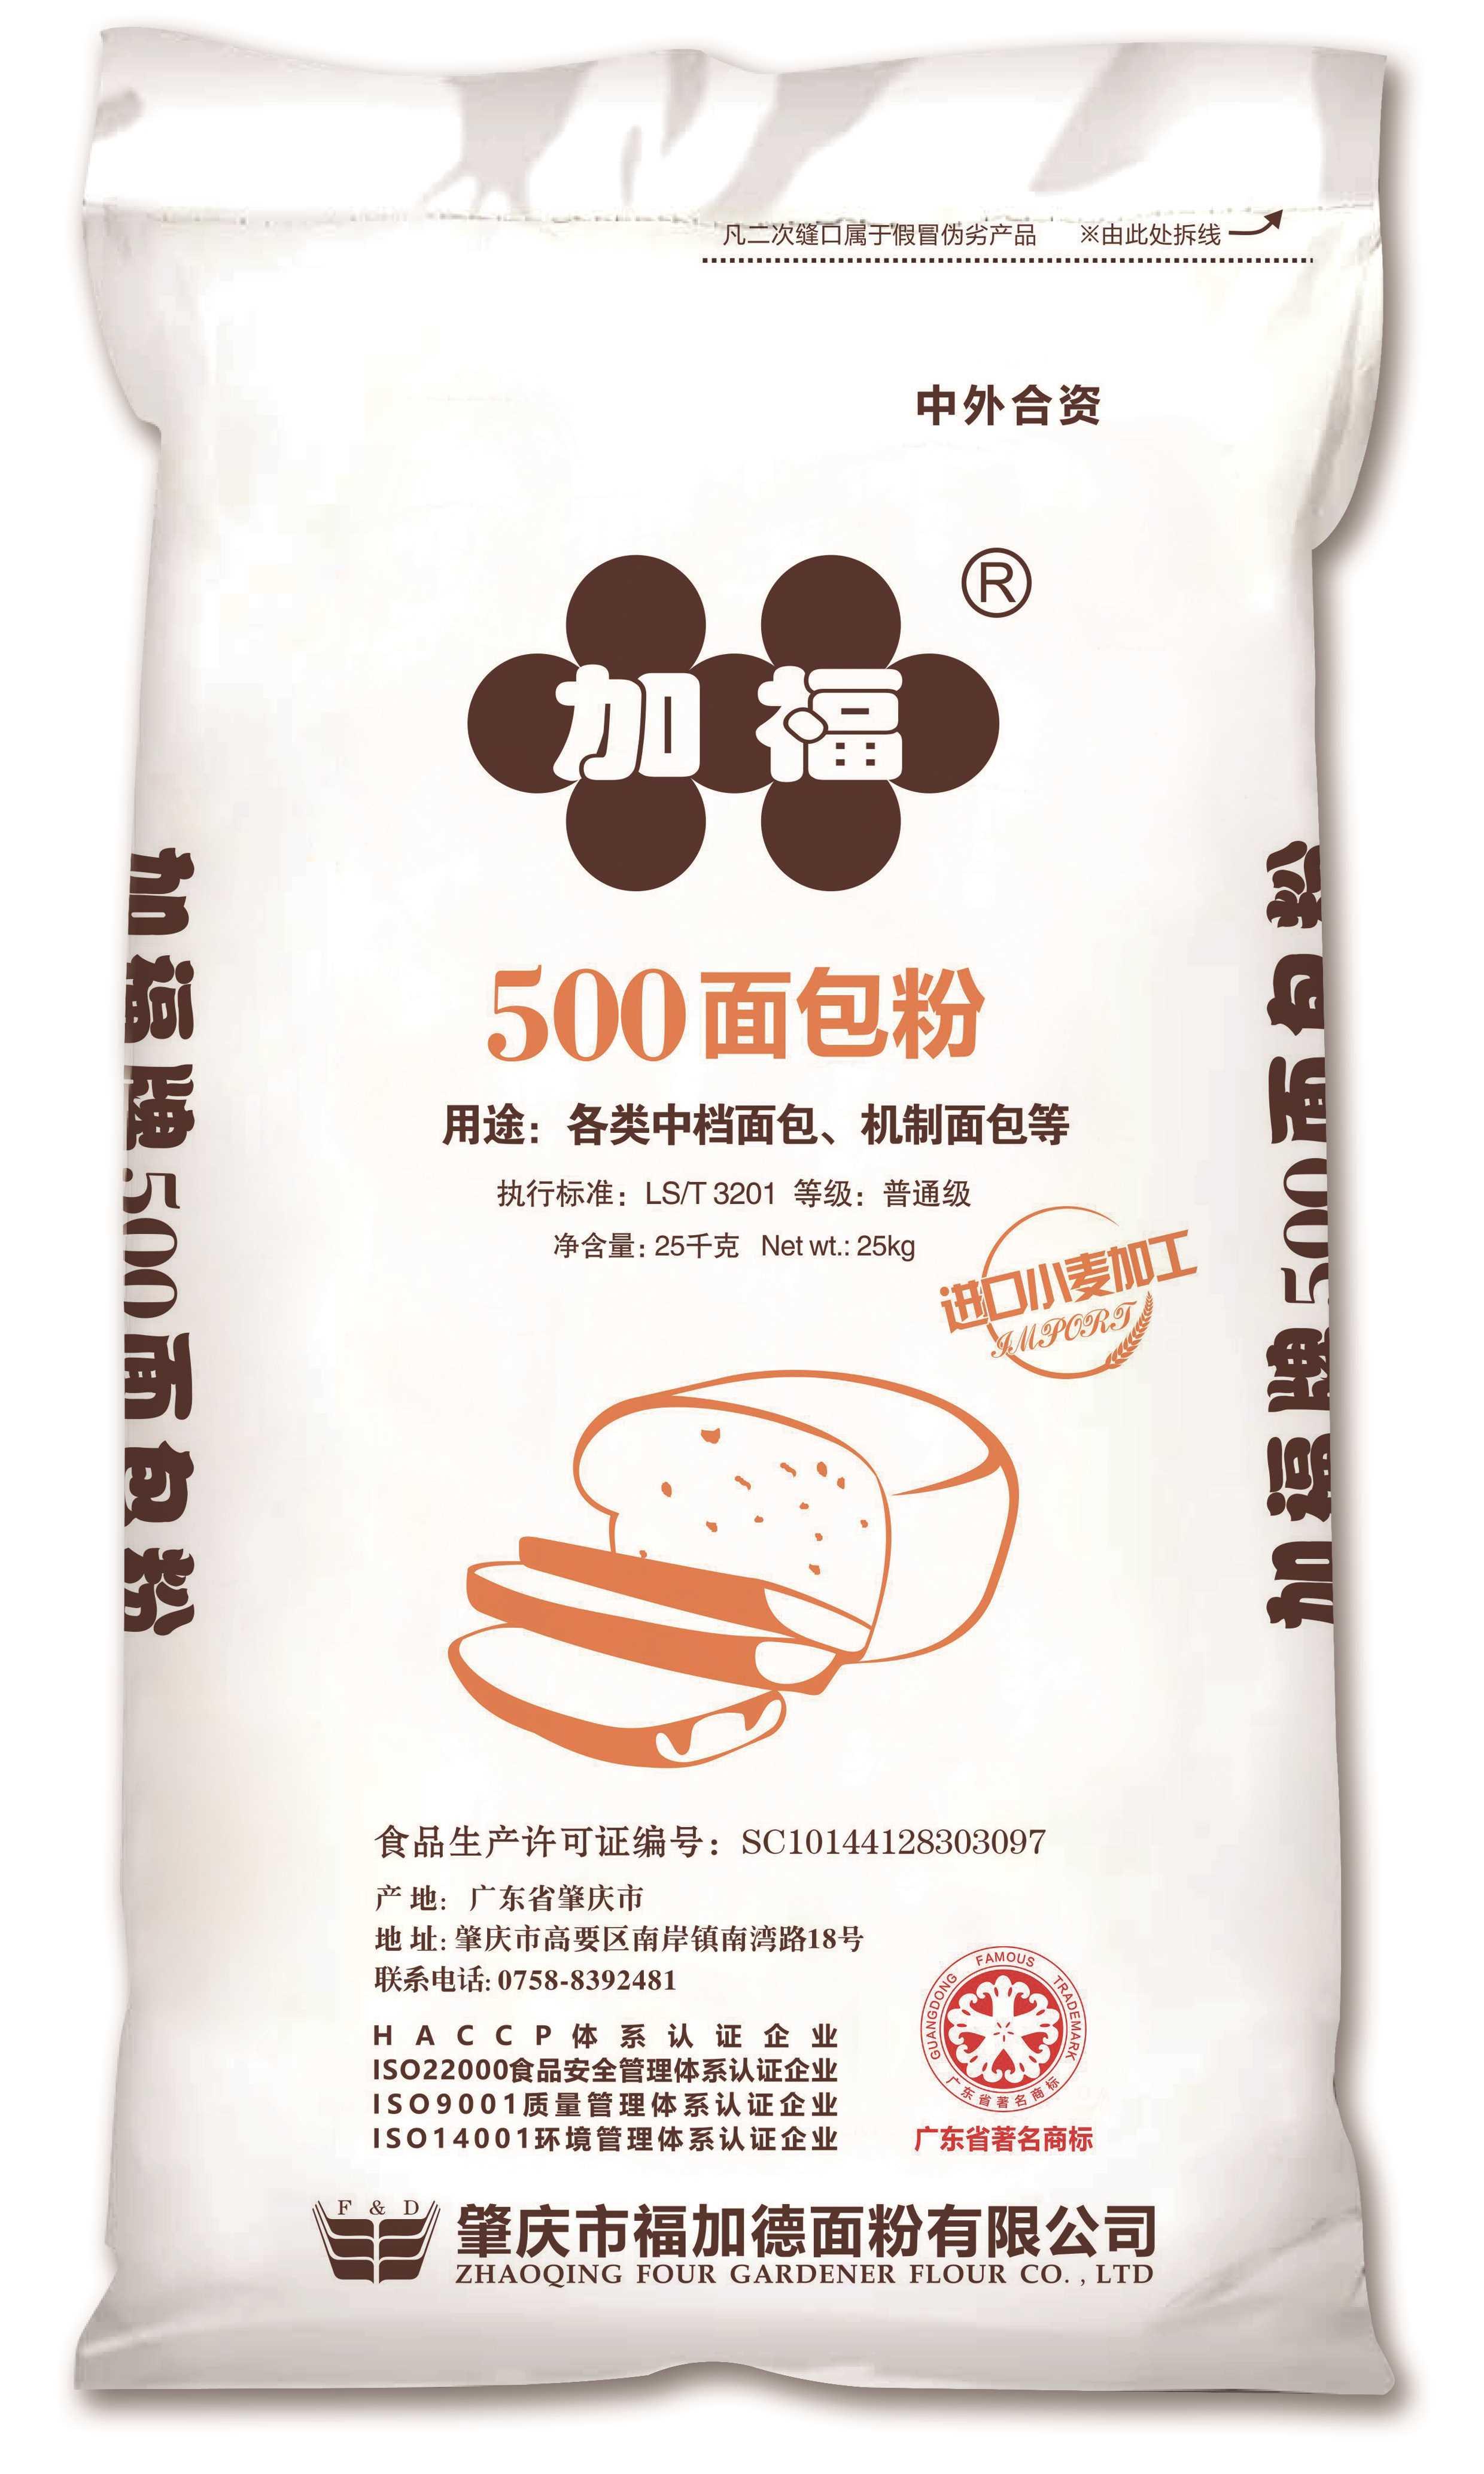 18-加福500面包粉编织袋25kg